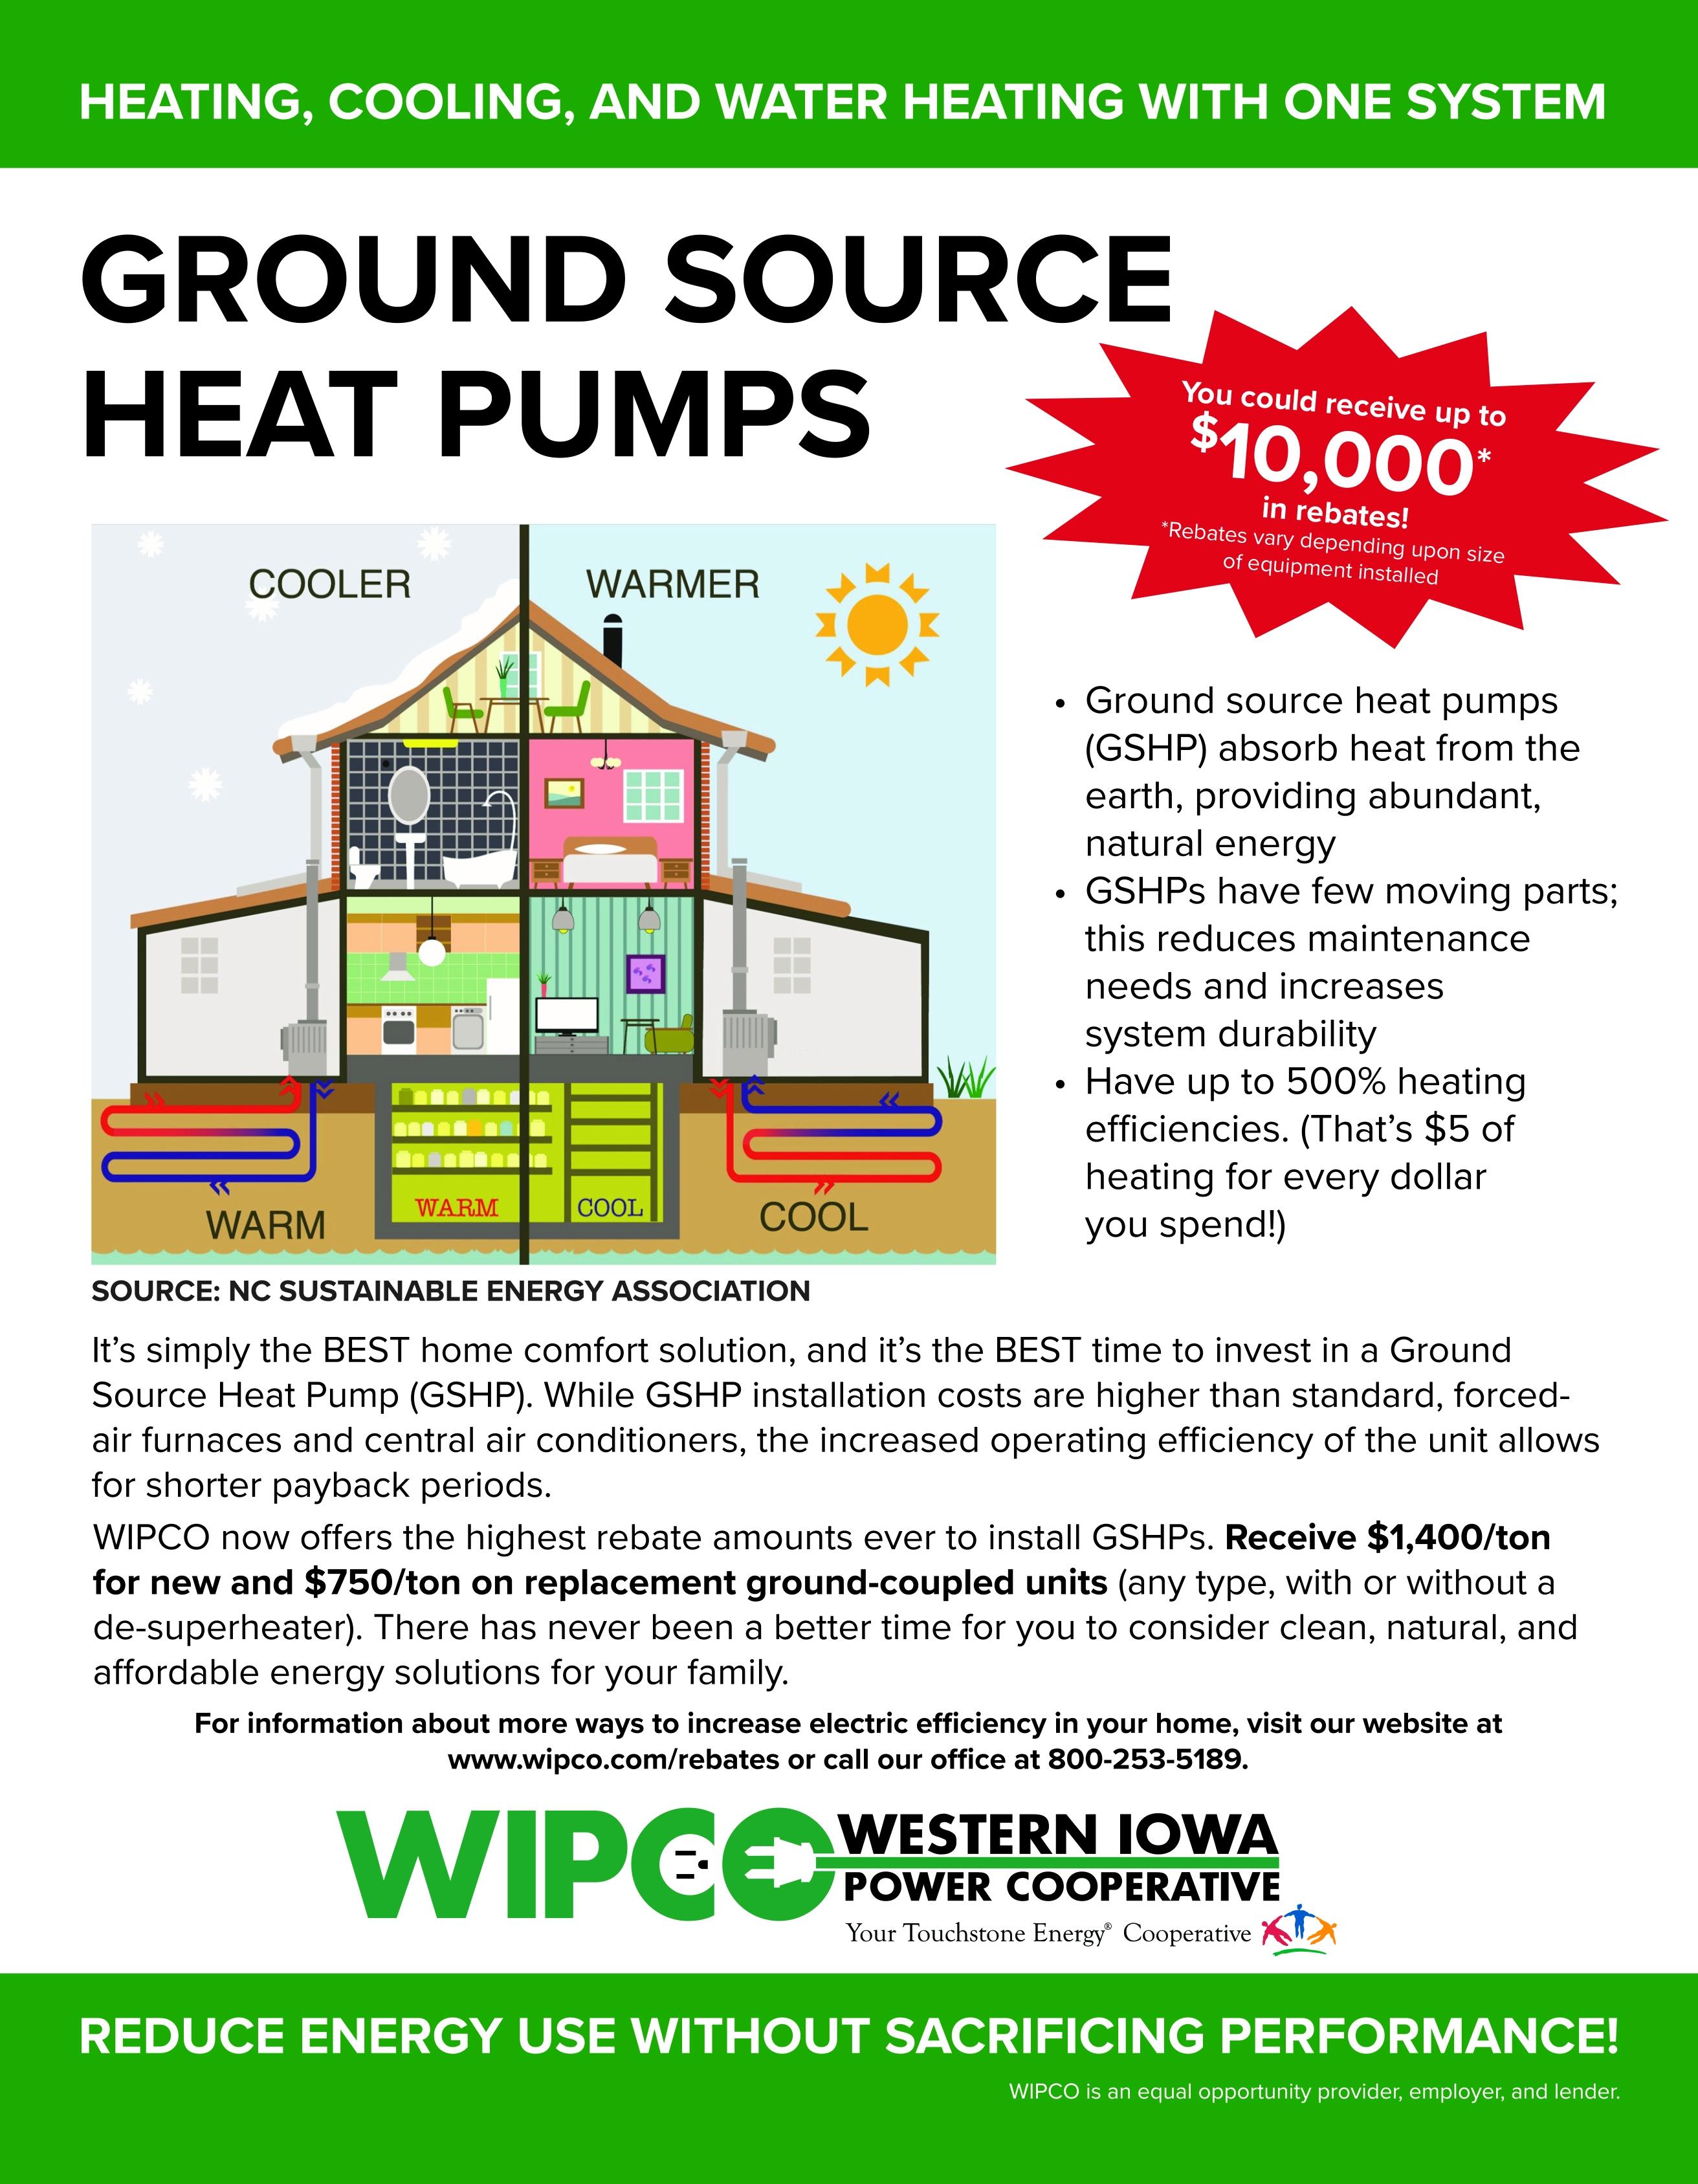 2021_GroundSourceHP-FullpgFlyer_WIPCO.jpg?mtime=20210902171234#asset:2925